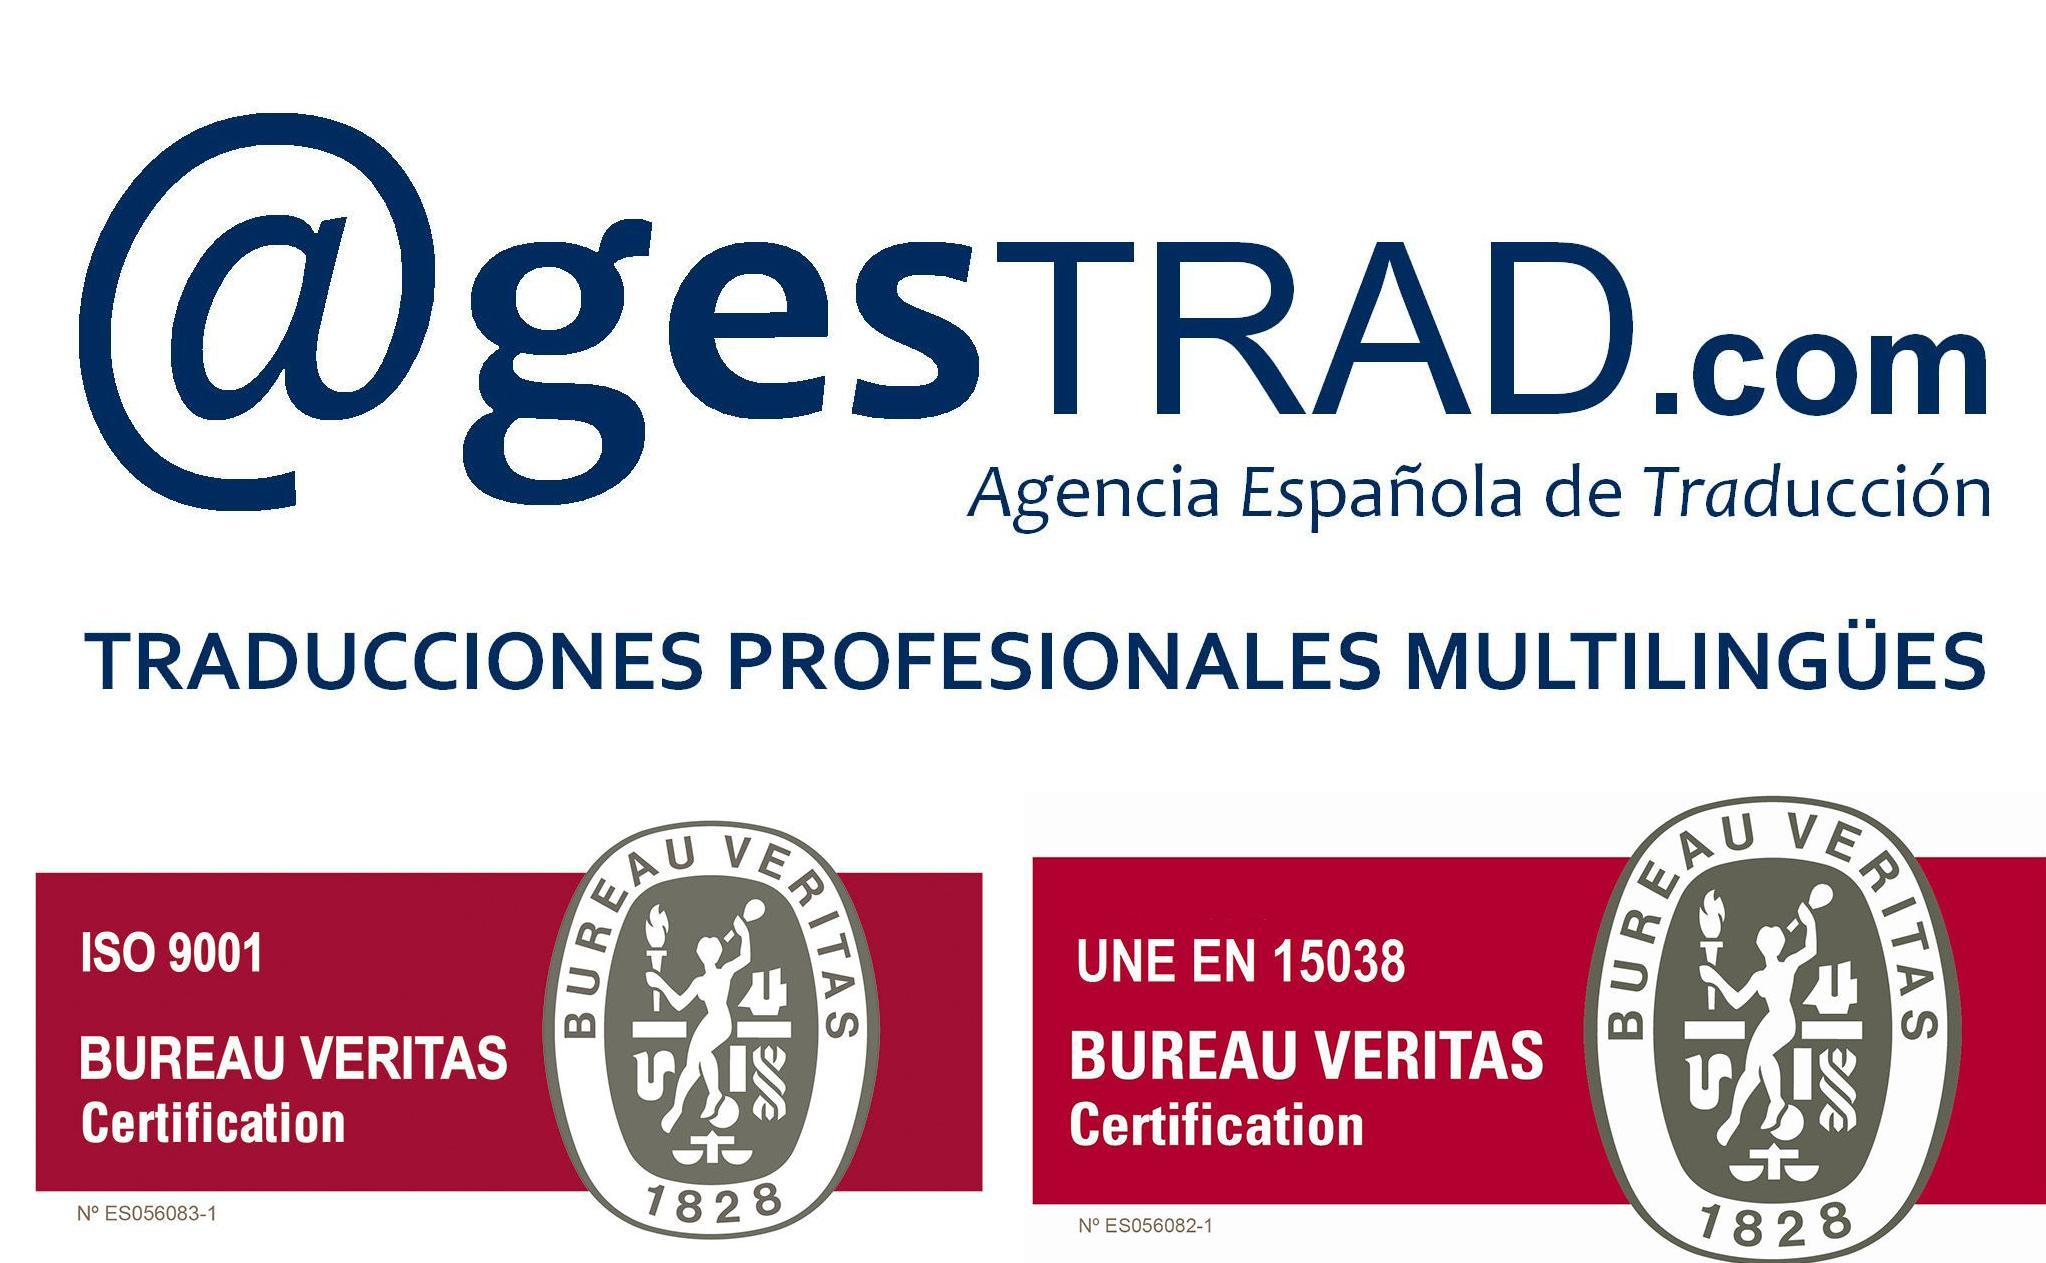 Norma de Calidad ISO para la Agencia Española de Traducción Agestrad